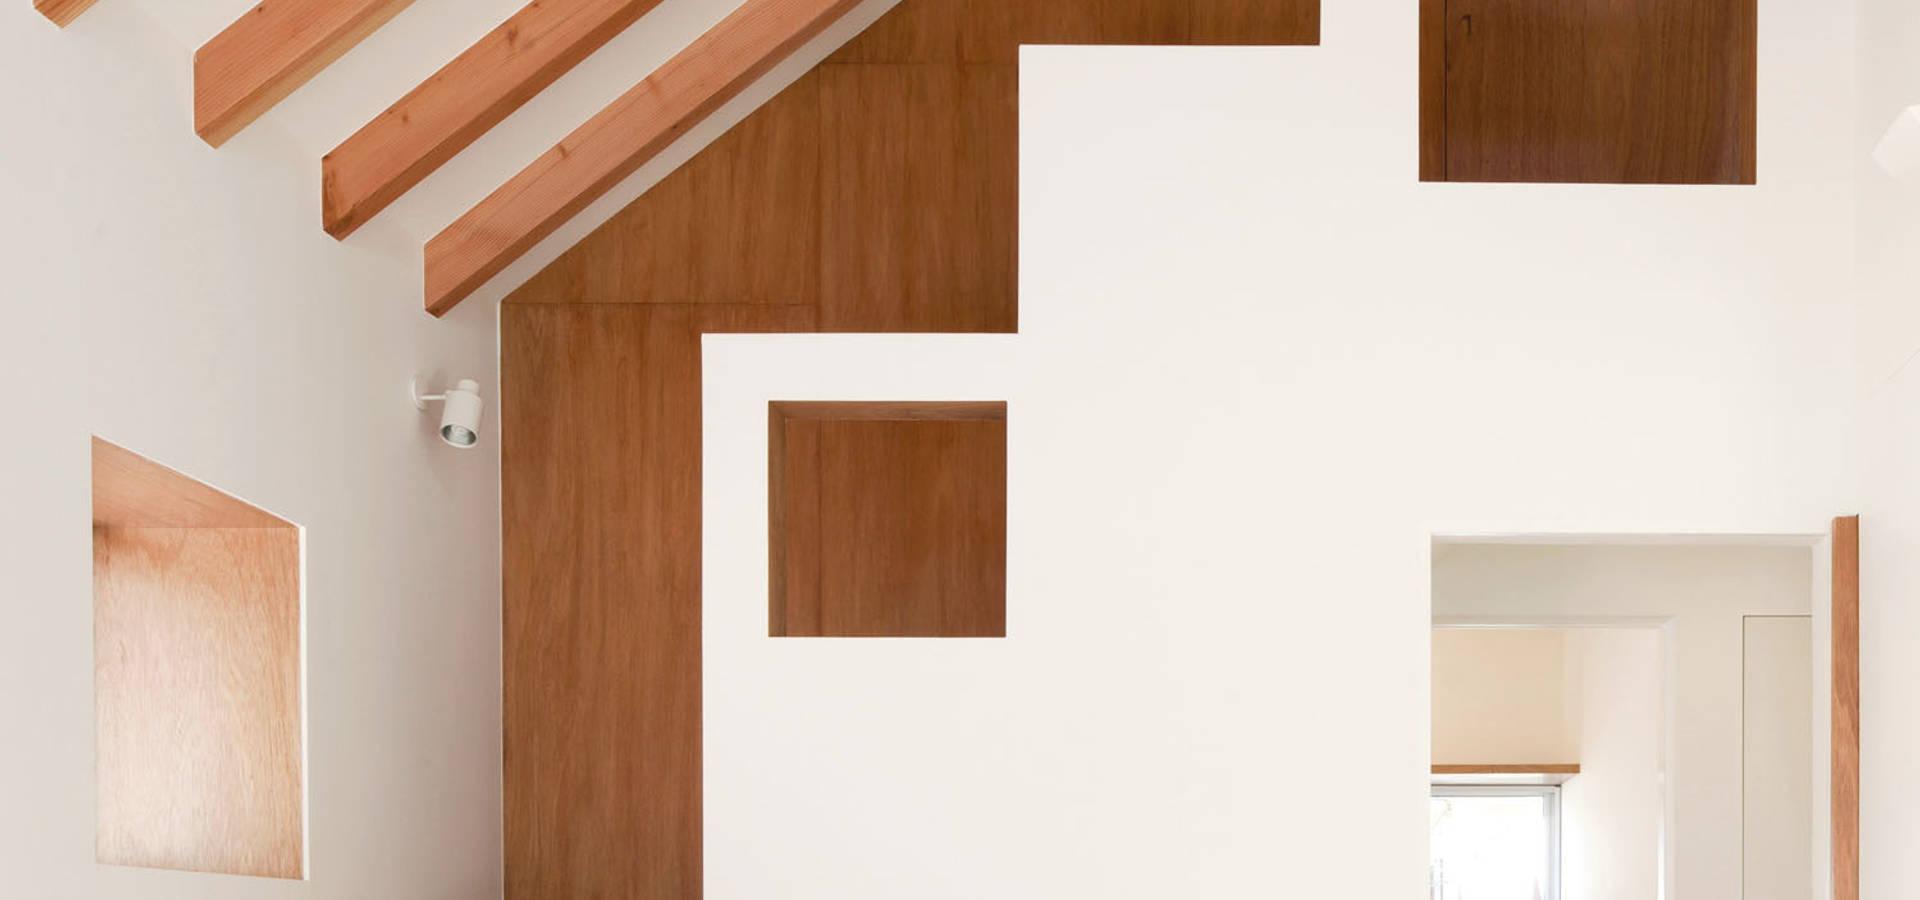 Unico design一級建築士事務所